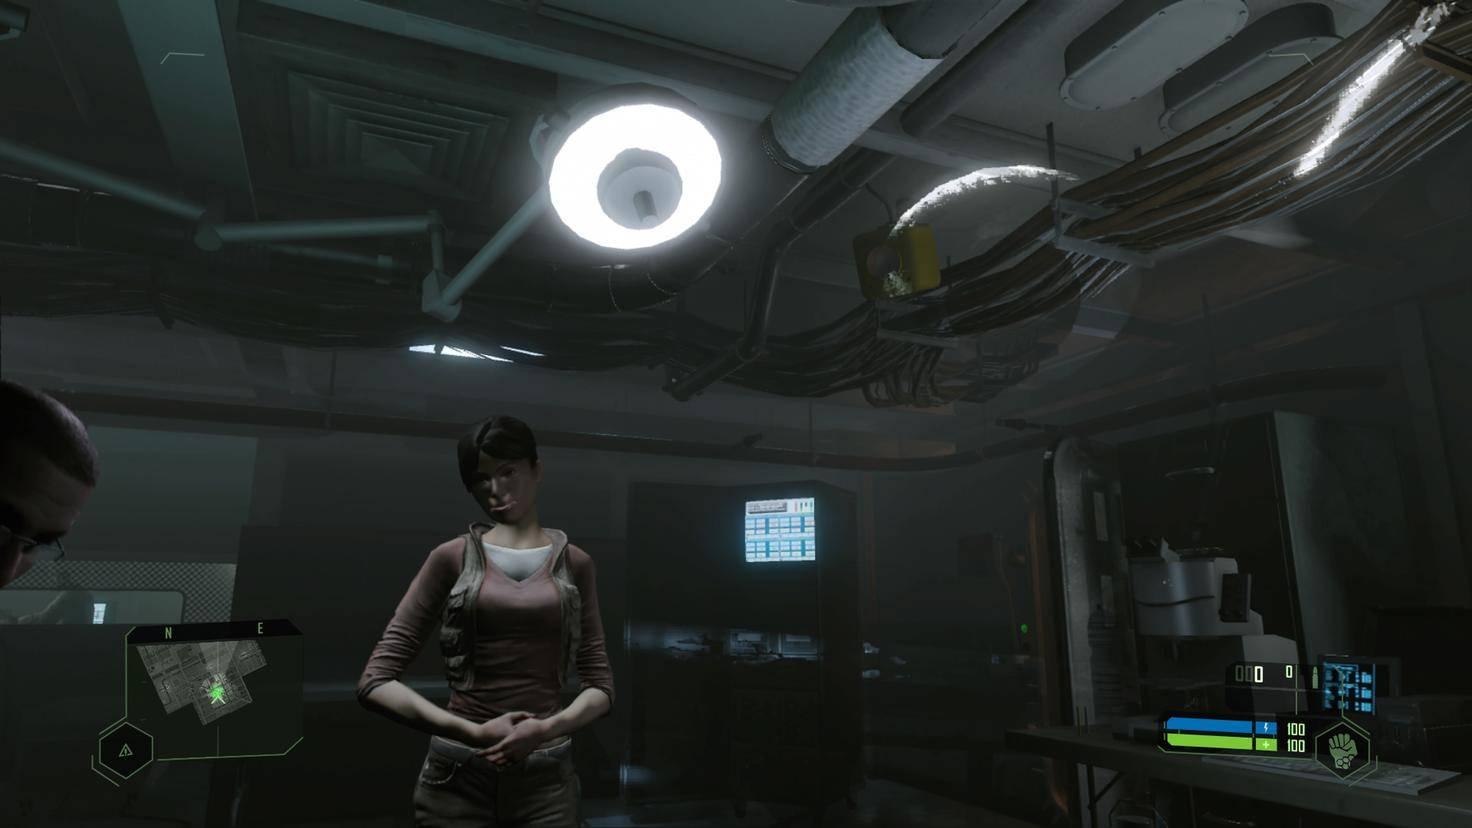 Diese Lampe dürfte sich nicht rechts daneben an der Decke spiegeln.